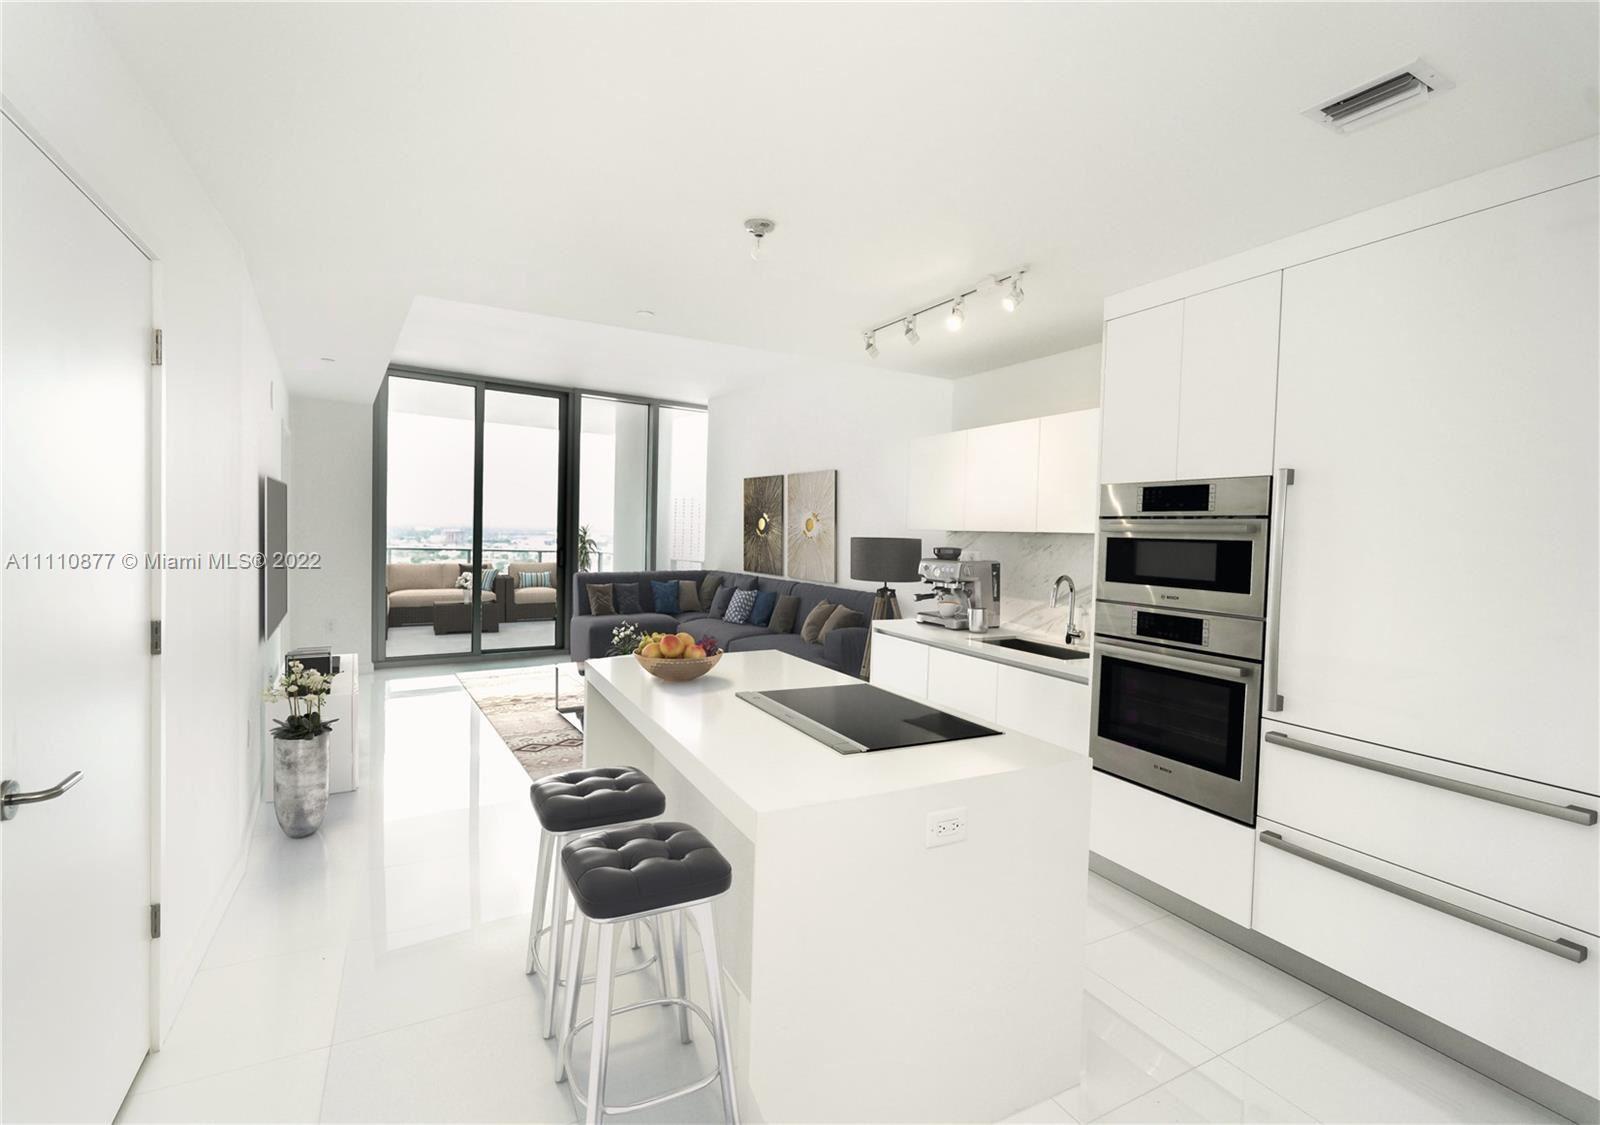 851 NE 1st Ave #2200, Miami, FL 33132 - #: A11110877